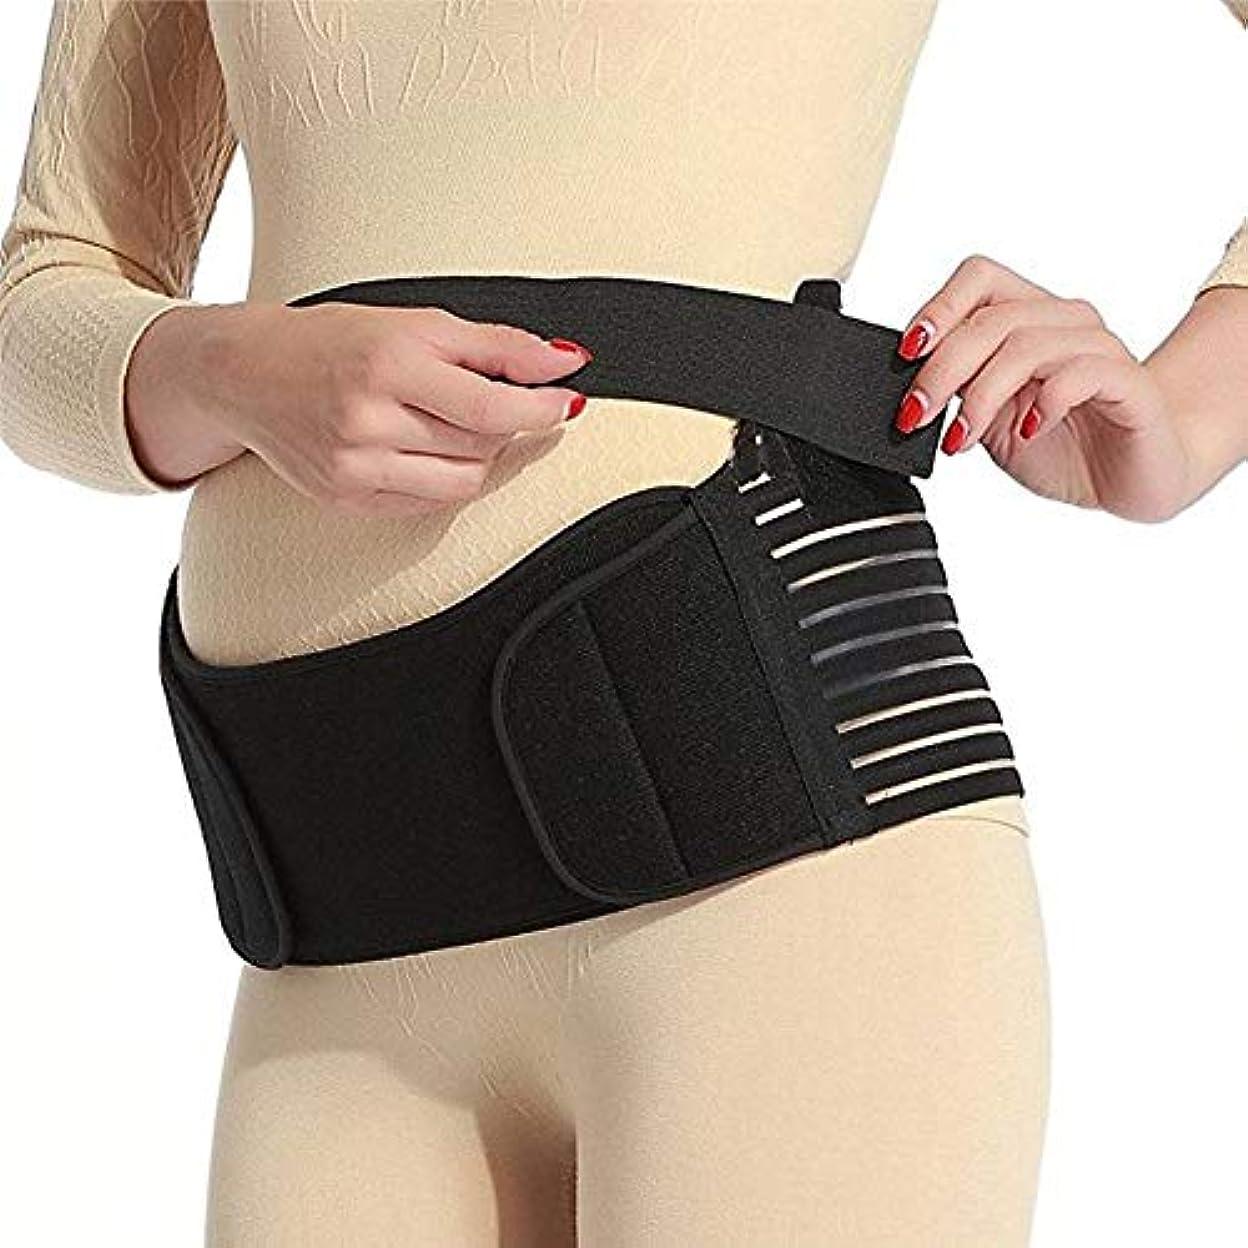 タービン系統的連邦通気性マタニティベルト妊娠中の腹部サポート腹部バインダーガードル運動包帯産後の回復shapewear - ブラックM